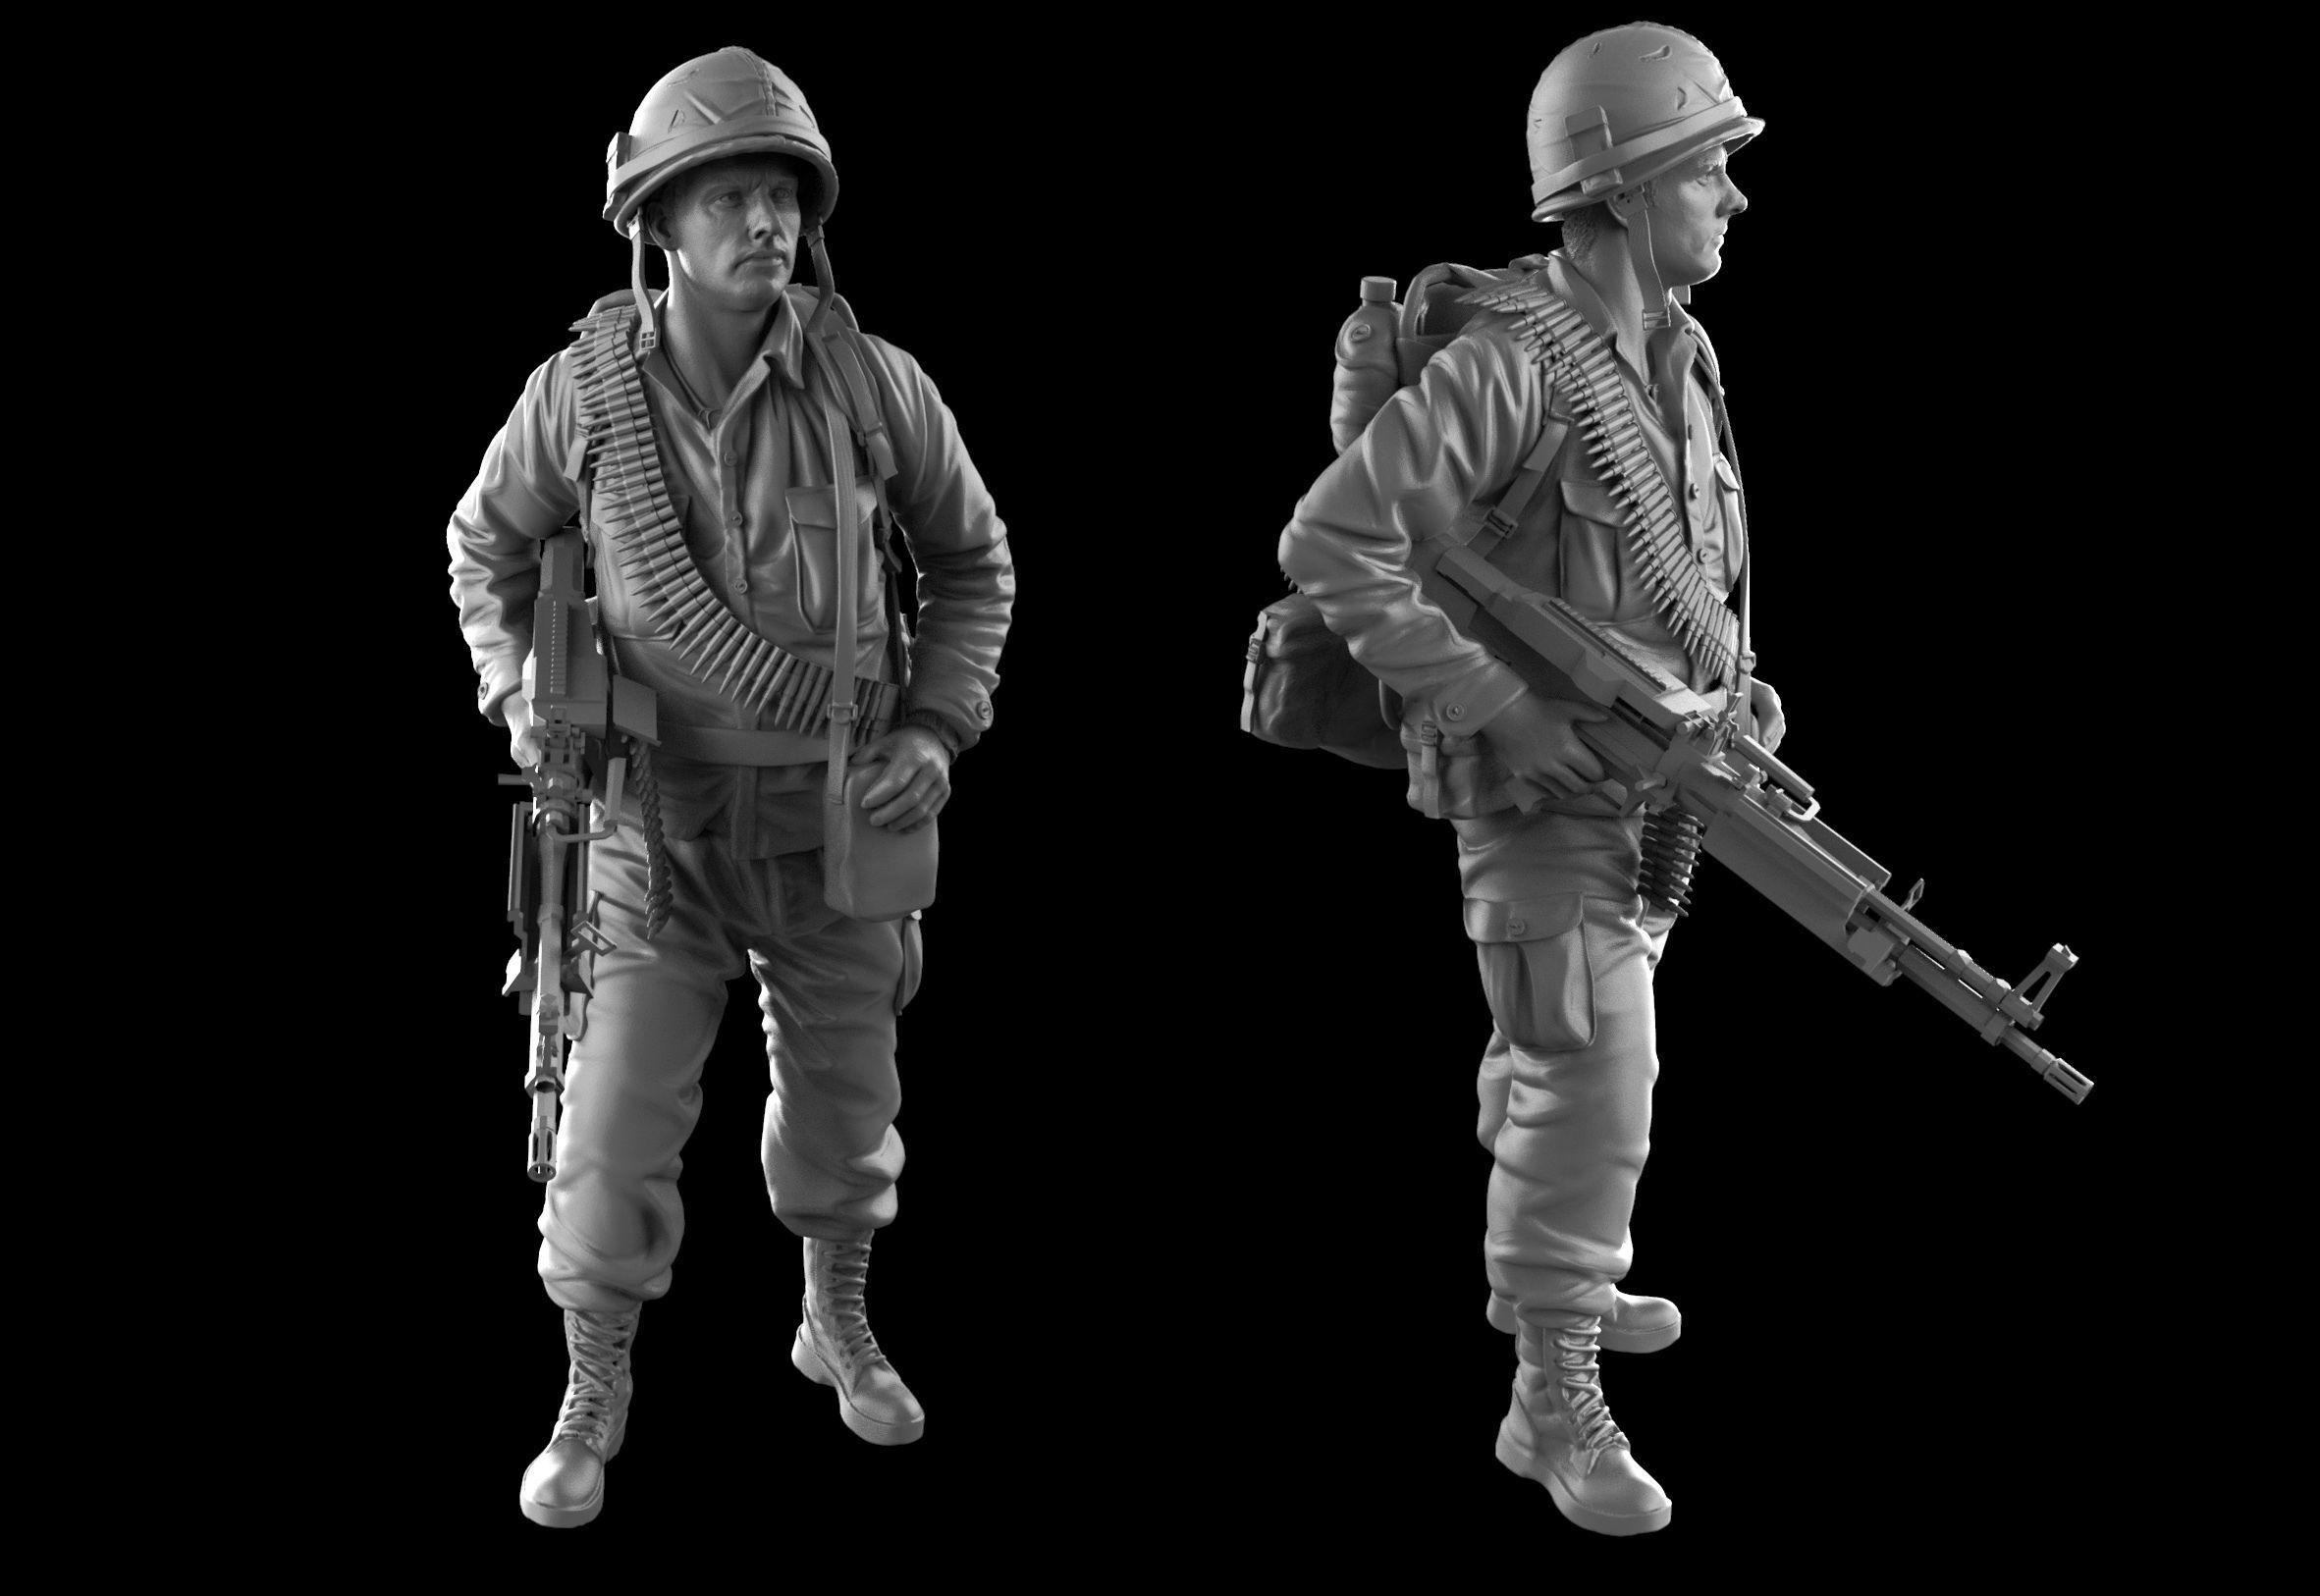 USA soldier with machine gun 1960